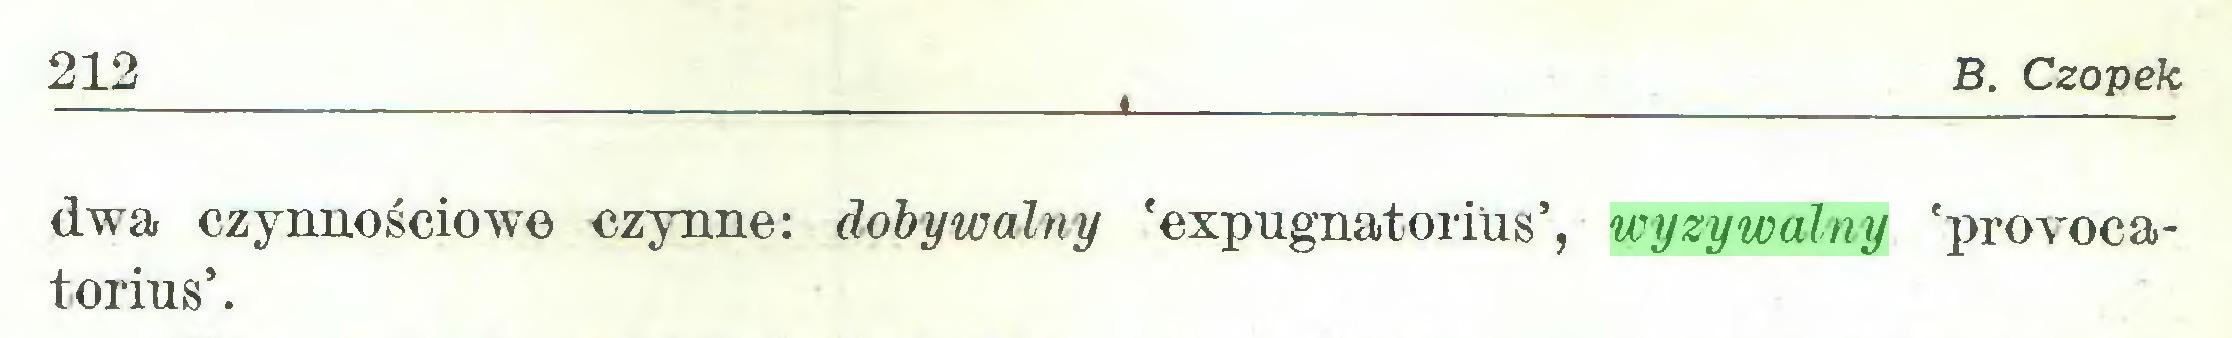 (...) t B. Czopek dwa czynnościowe czynne: dobywalny 'expugnatoriUs', wyzywalny 'provocatorius'...